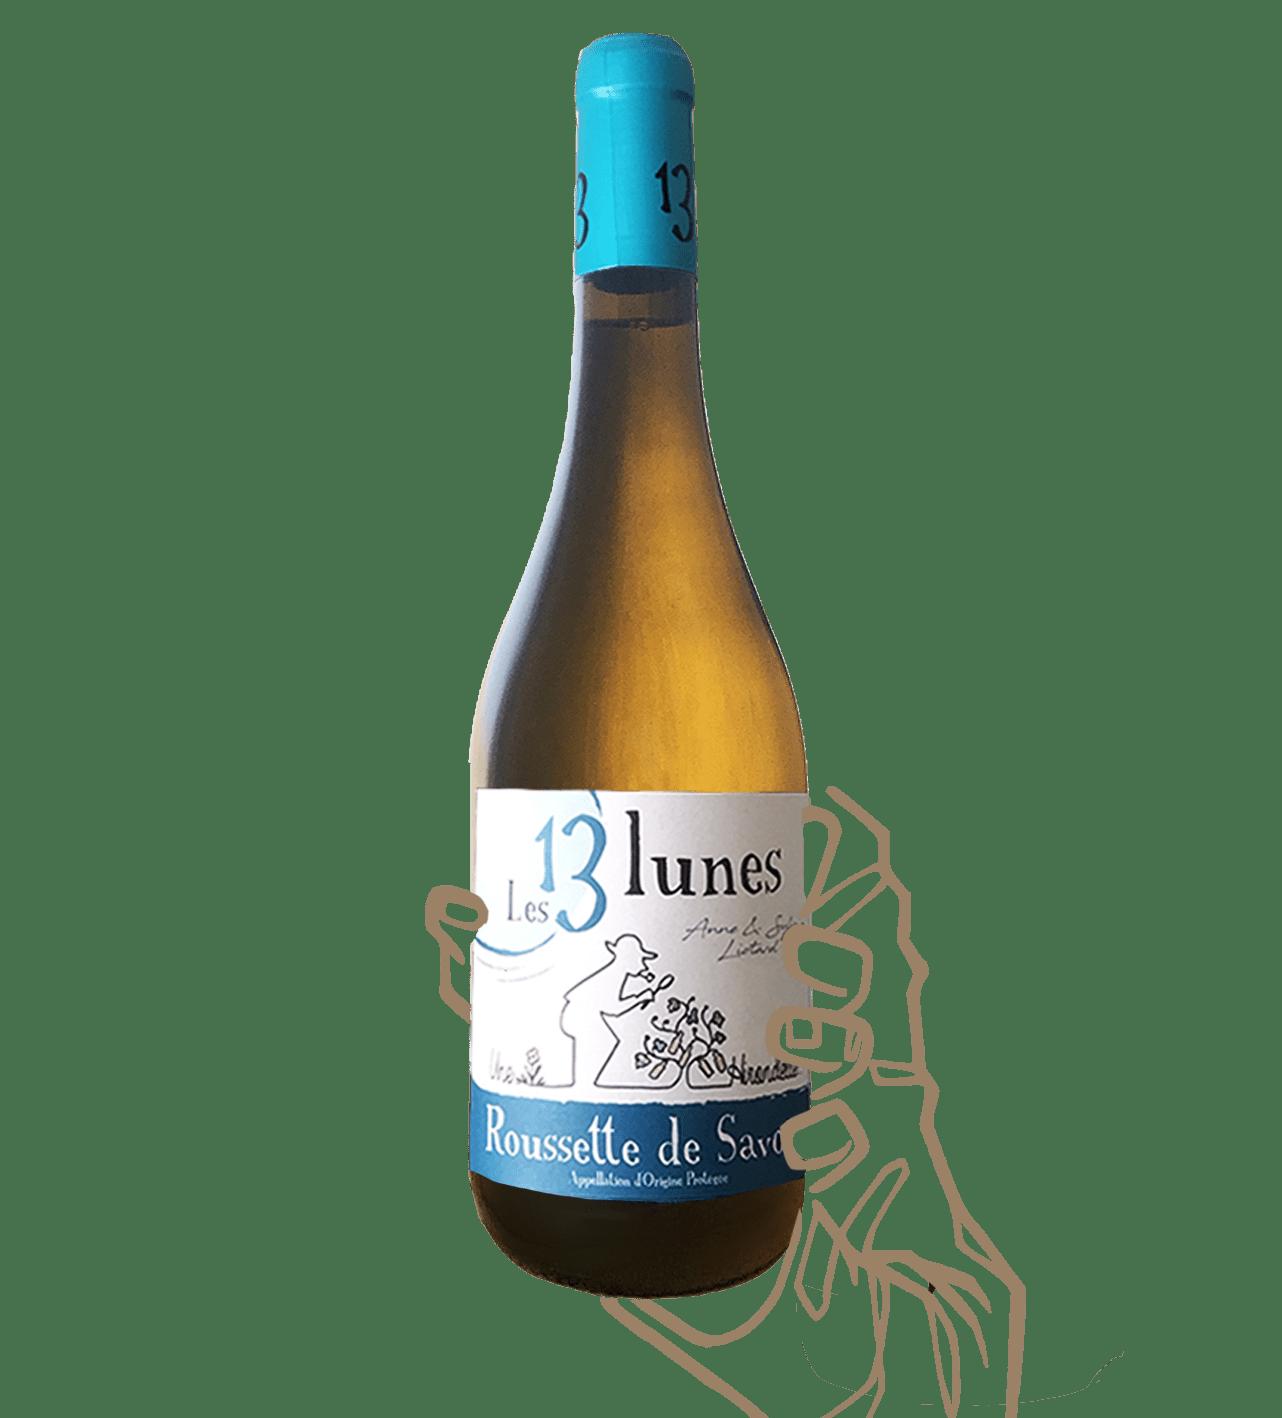 hirondelles est un vin naturel et biodynamique blanc de savoie du domaine des 13 lunes